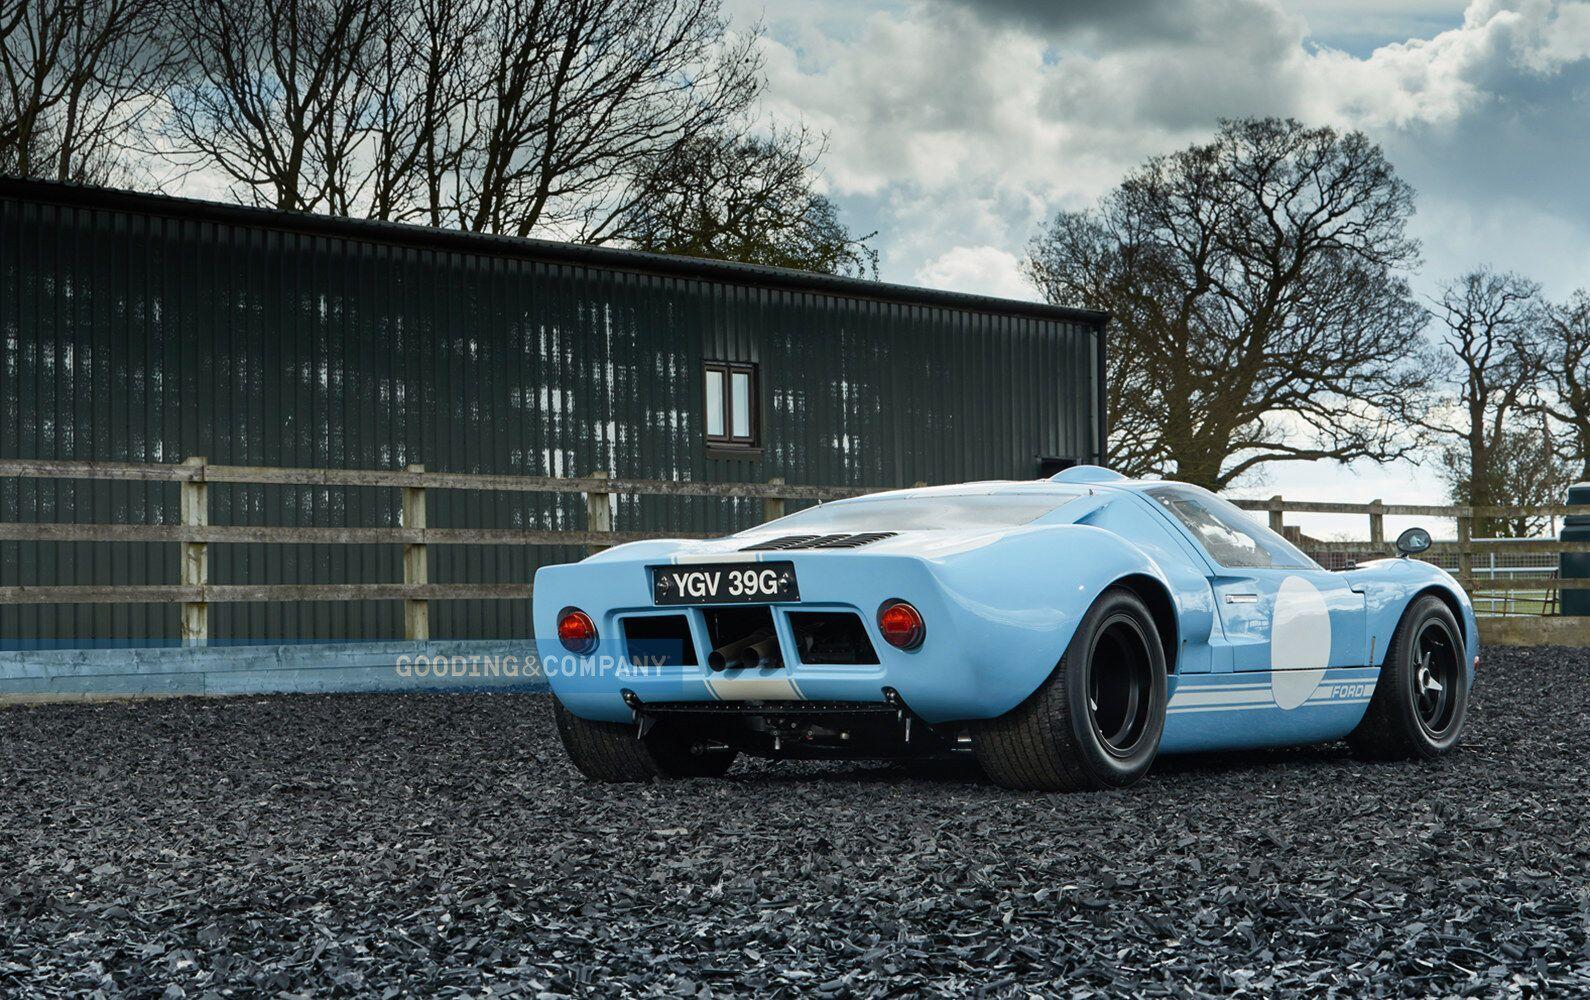 Автомобиль реставрировали, но сохранили суть оригинальной модели